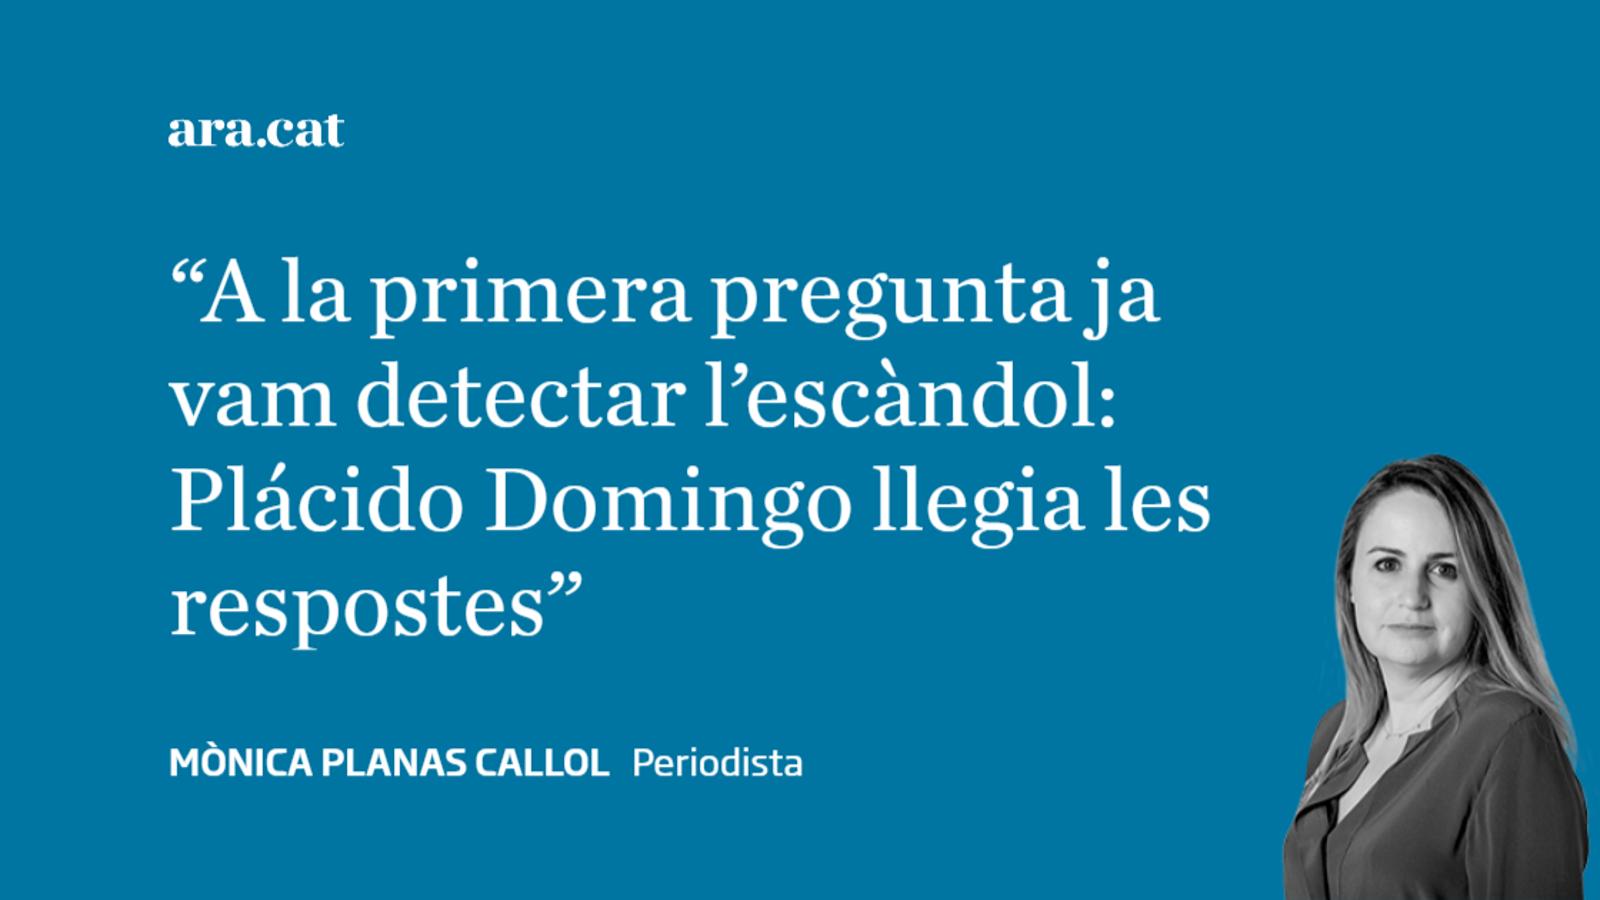 Plácido Domingo desafina amb apuntador